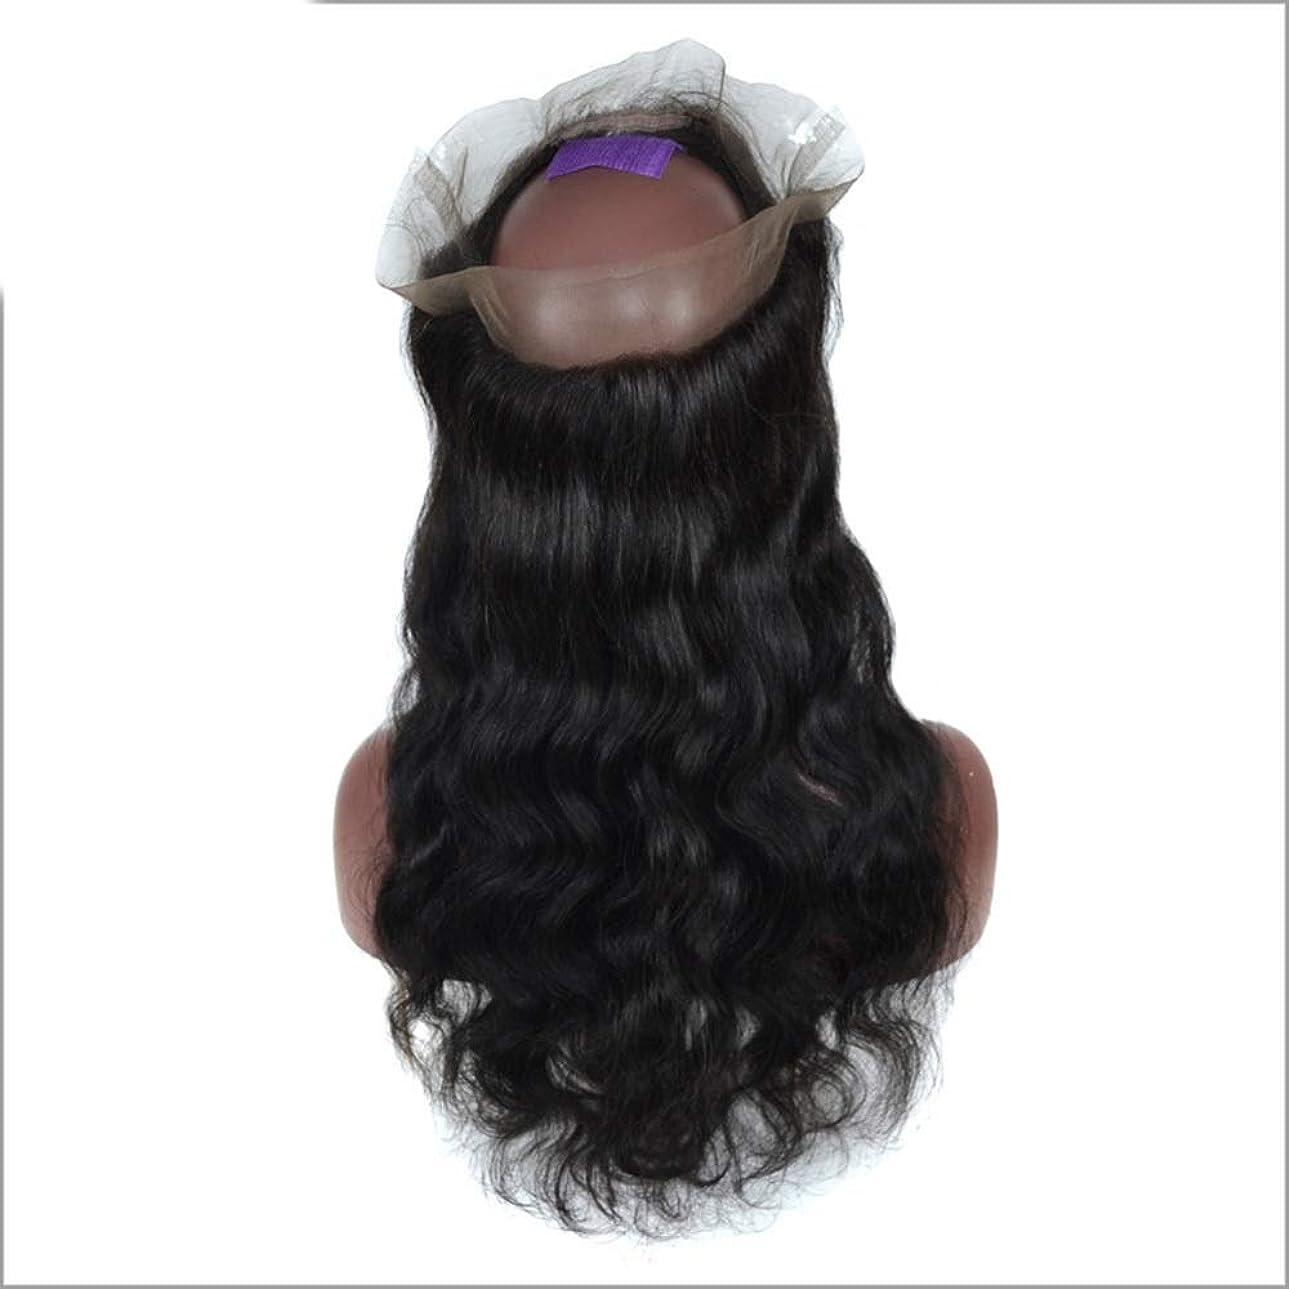 空気許す機械的にBOBIDYEE 3/4ハーフウィッグブラジルのリアル人間の髪の毛のかつら前部レースの実体波クリップ半分ウィッグパーティーかつら (色 : 黒, サイズ : 12 inch)